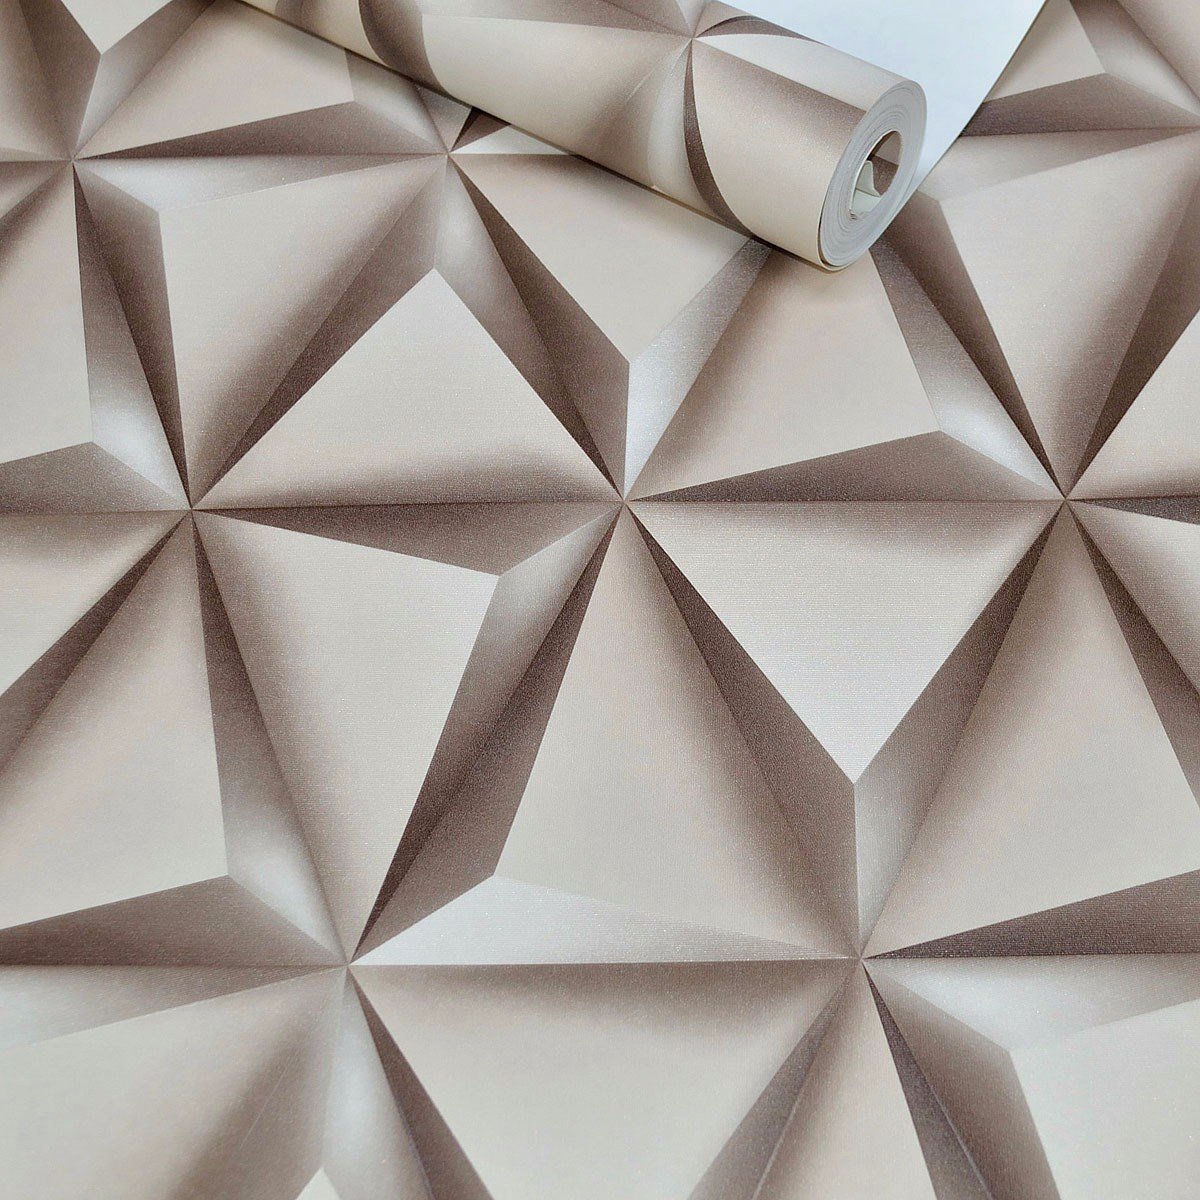 Papel de parede importado textura 3d marrom vinilico lav vel r 109 90 em mercado livre - Papel vinilico para paredes ...